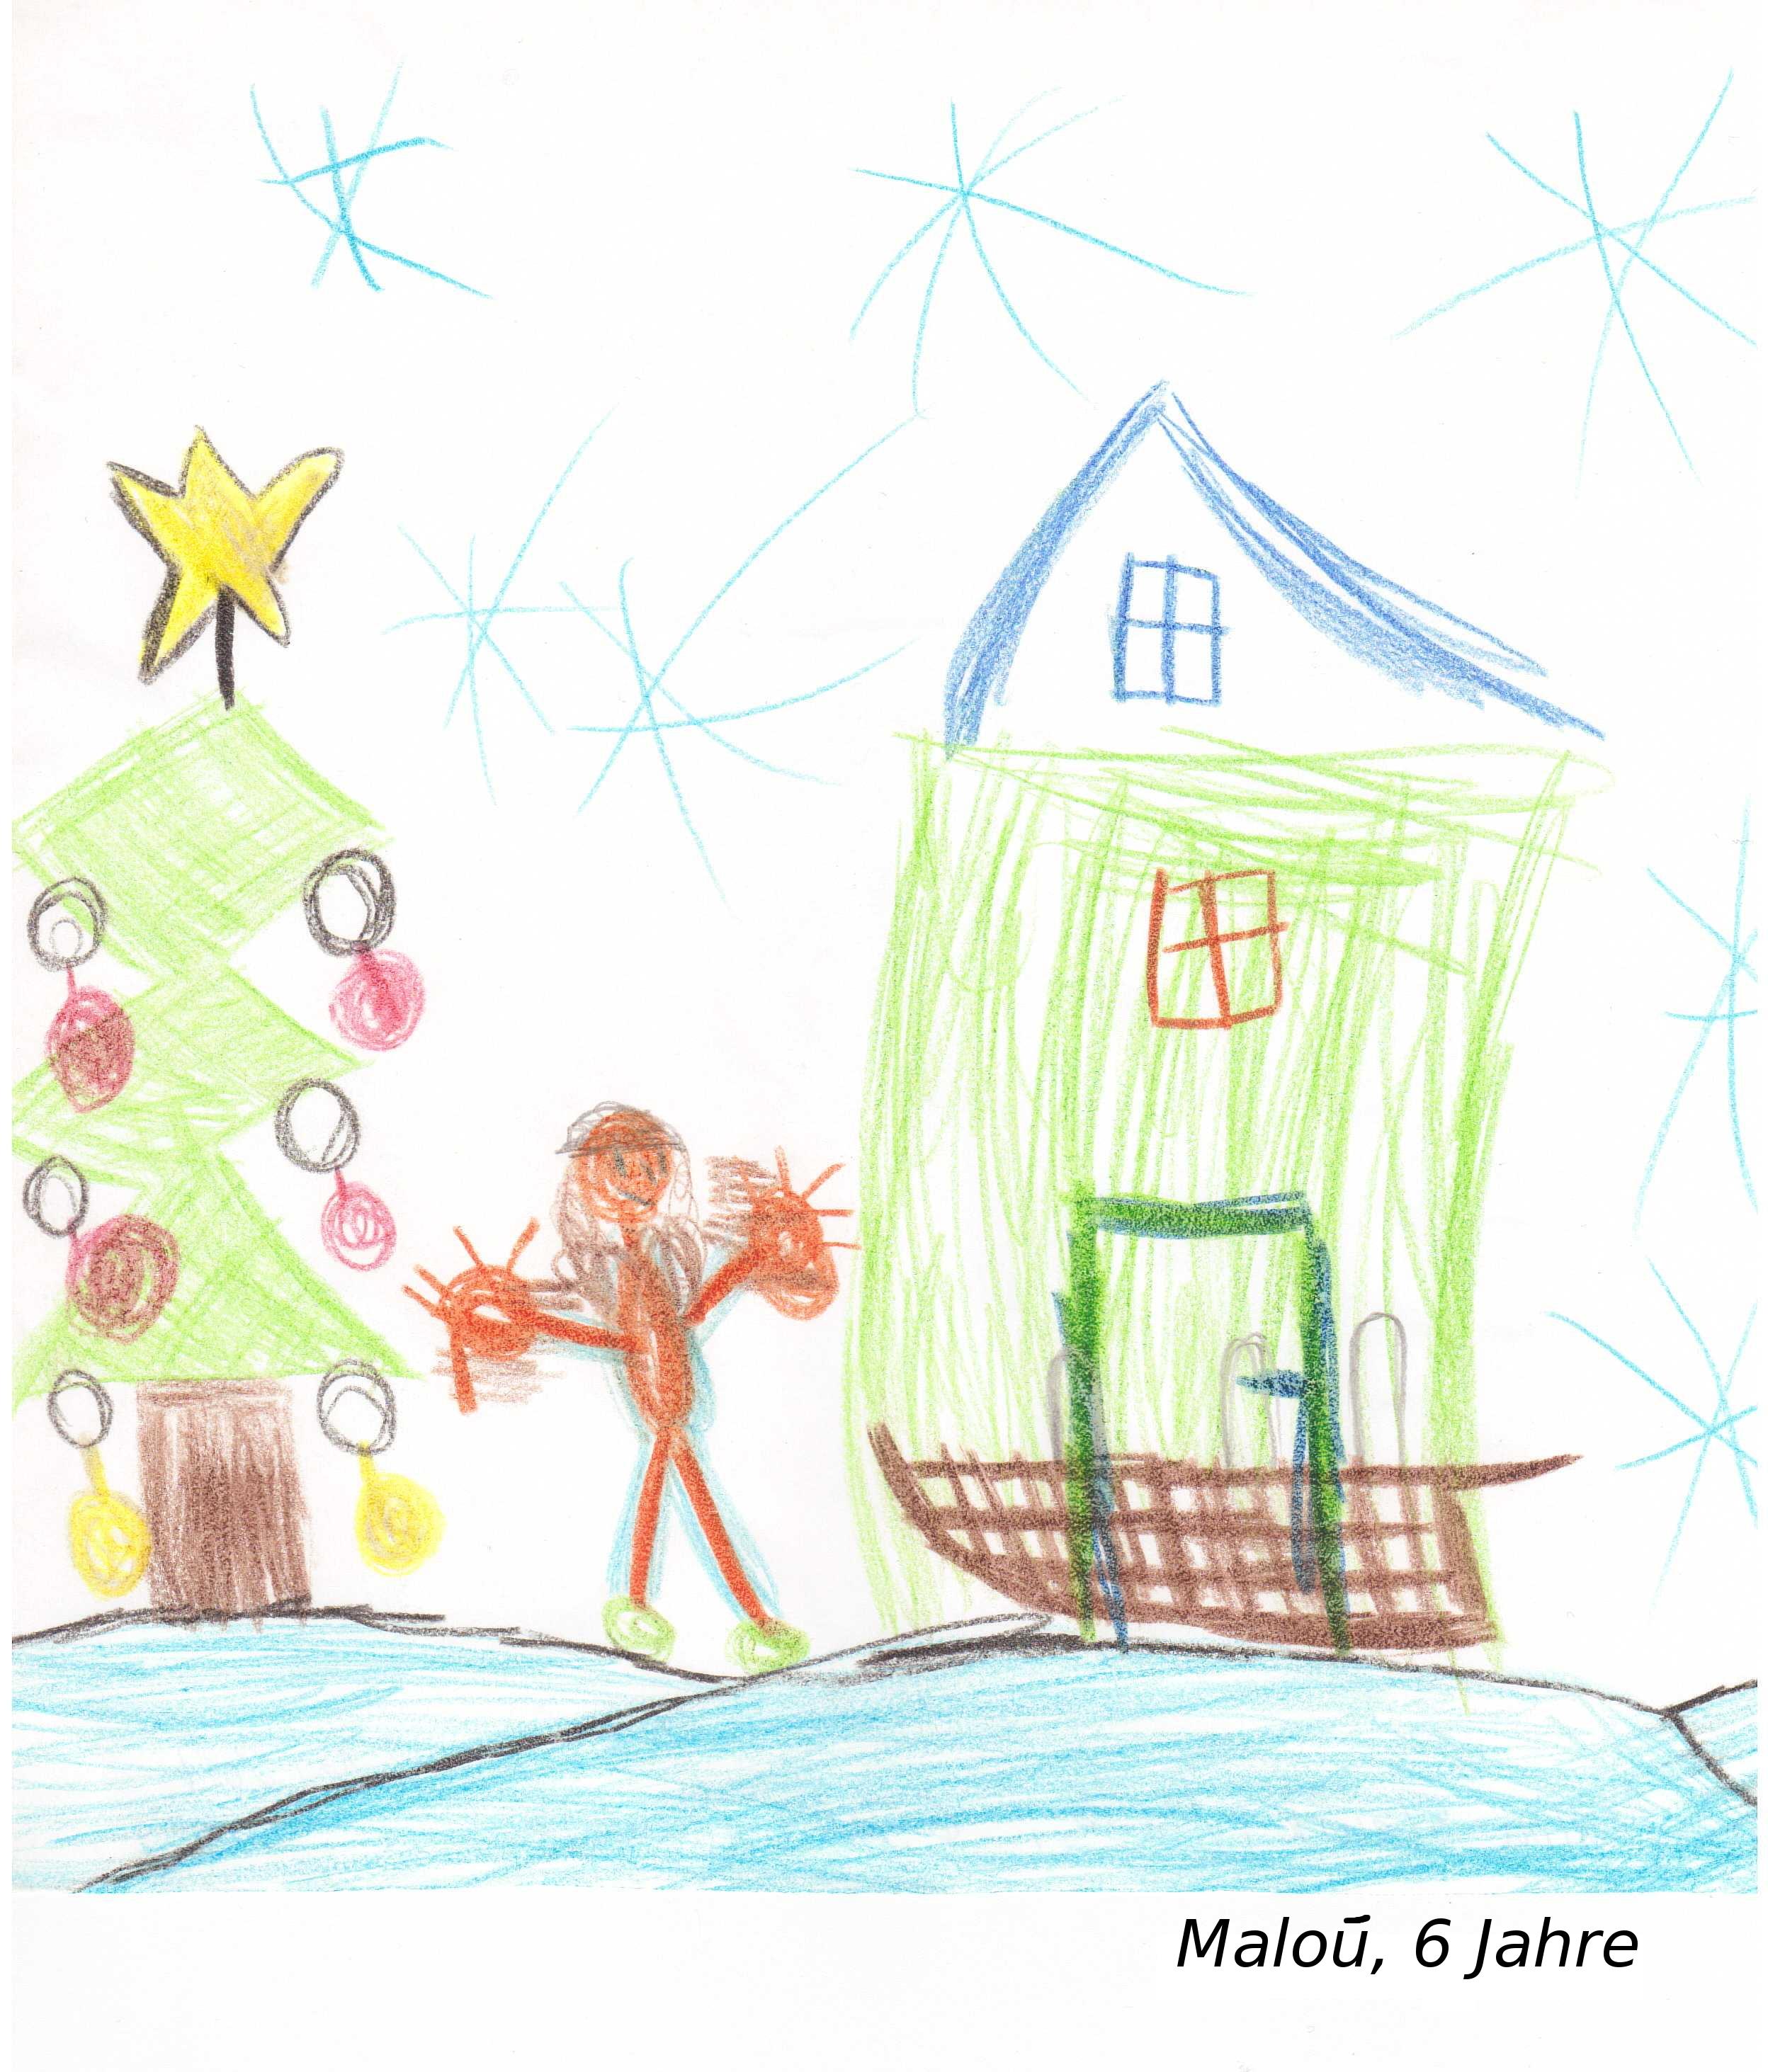 Besinnliche Weihnachtsbilder.Kinder Malen Weihnachtsbilder Bewohnergenossenschaft Friedrichsheim Eg